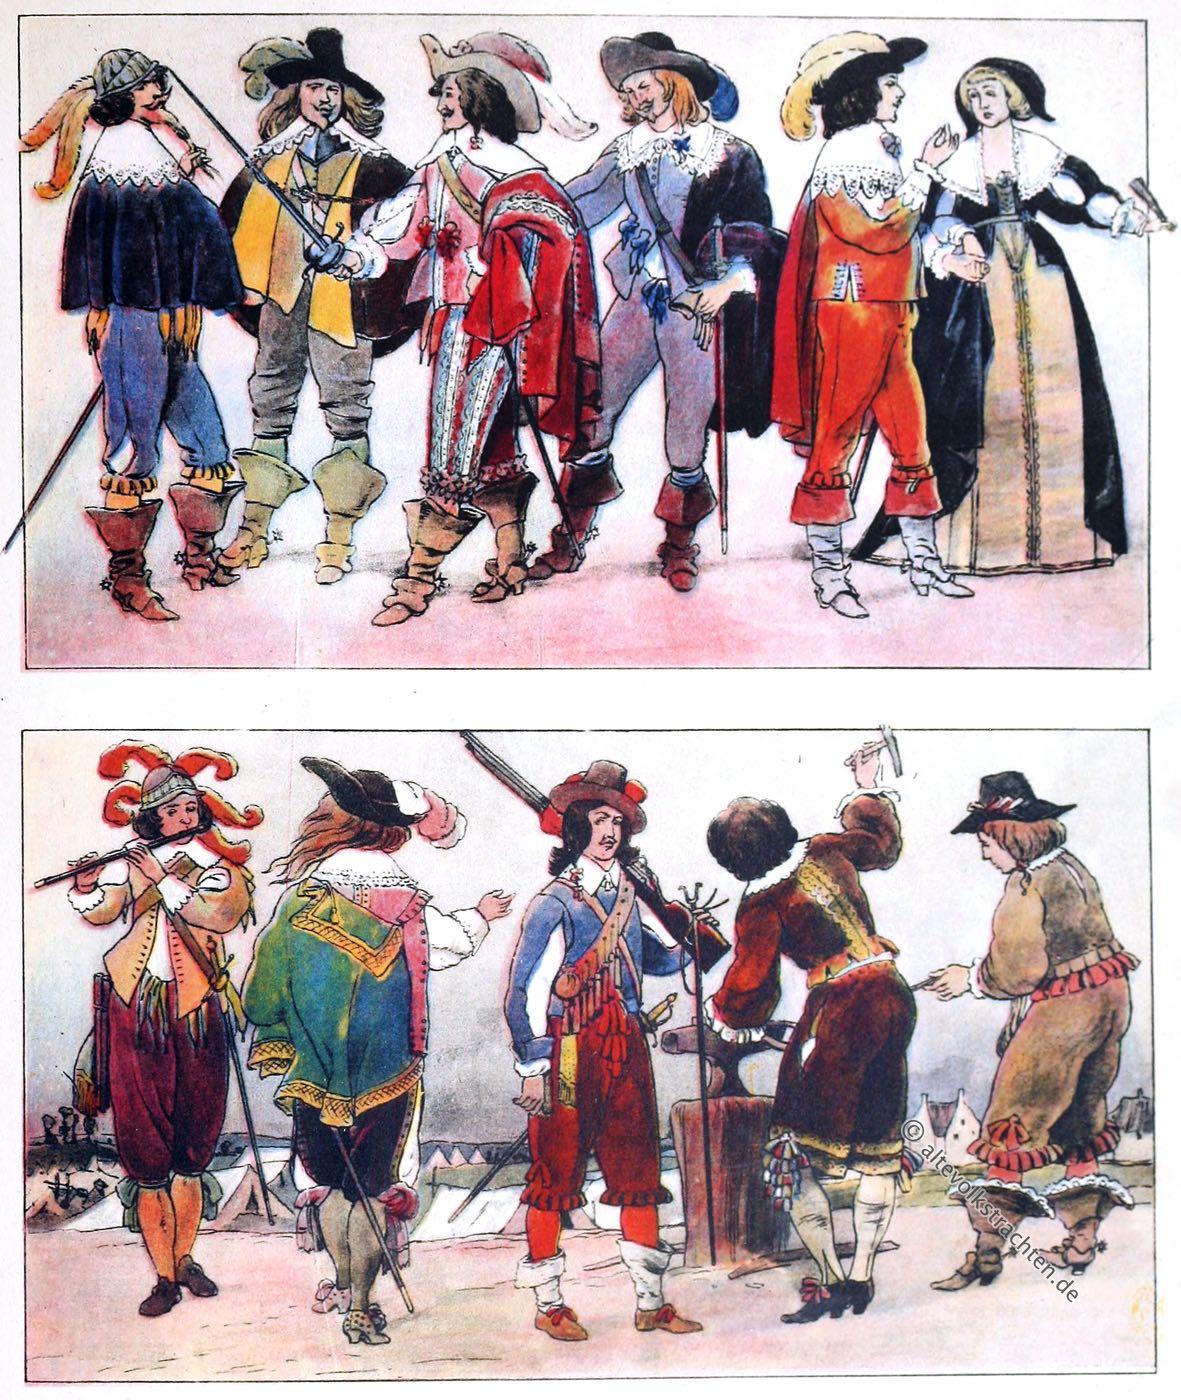 Musketier, Musketiere, Schlumperhose, Wallensteiner, Mousquetaires, Mode, Barock, Frankreich, Adolf Rosenberg, Eduard Heyck